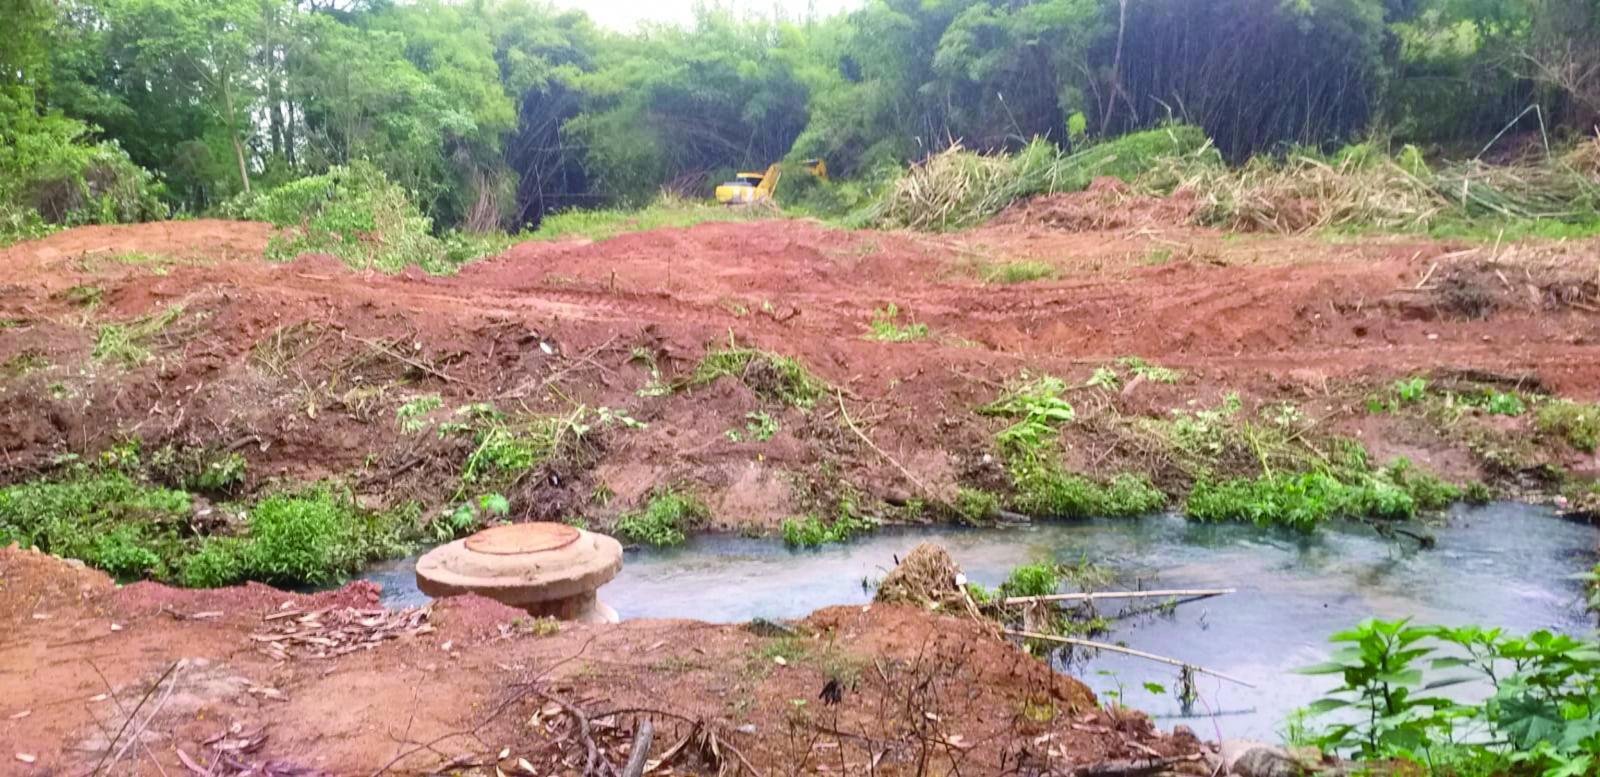 Rolos de teares encontrados no leito do Ribeirão Jacaré